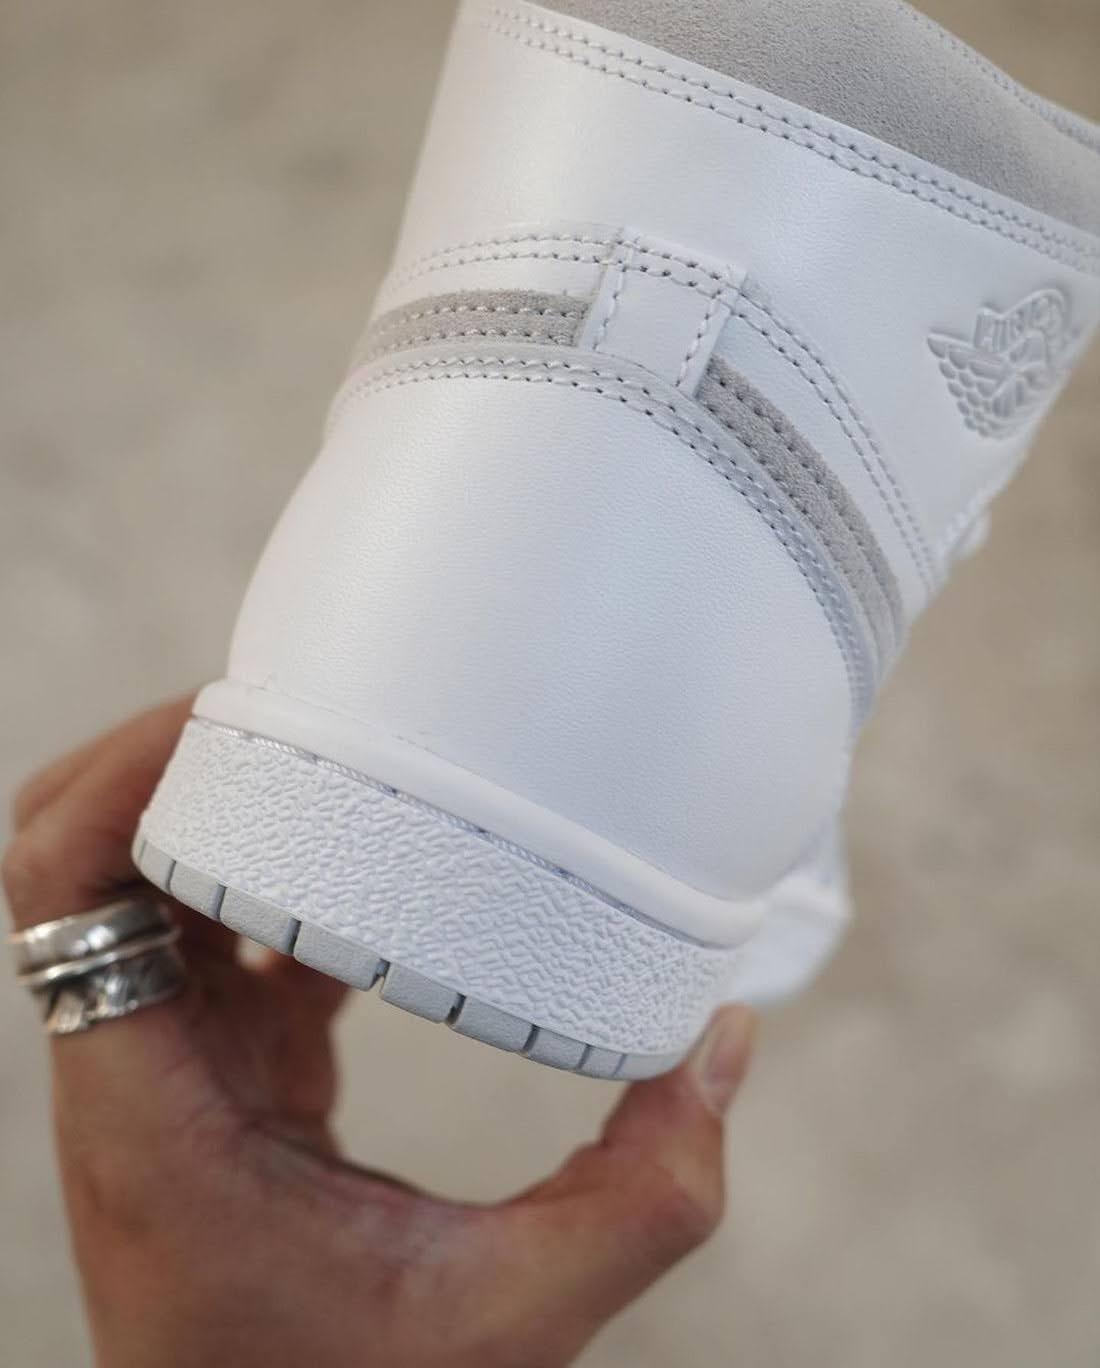 """ナイキ エアジョーダン1 ハイ 85 """"ニュートラルグレー""""-Nike-Air-Jordan-1-High-85-Neutral-Grey-BQ4422-100-2021-heel"""